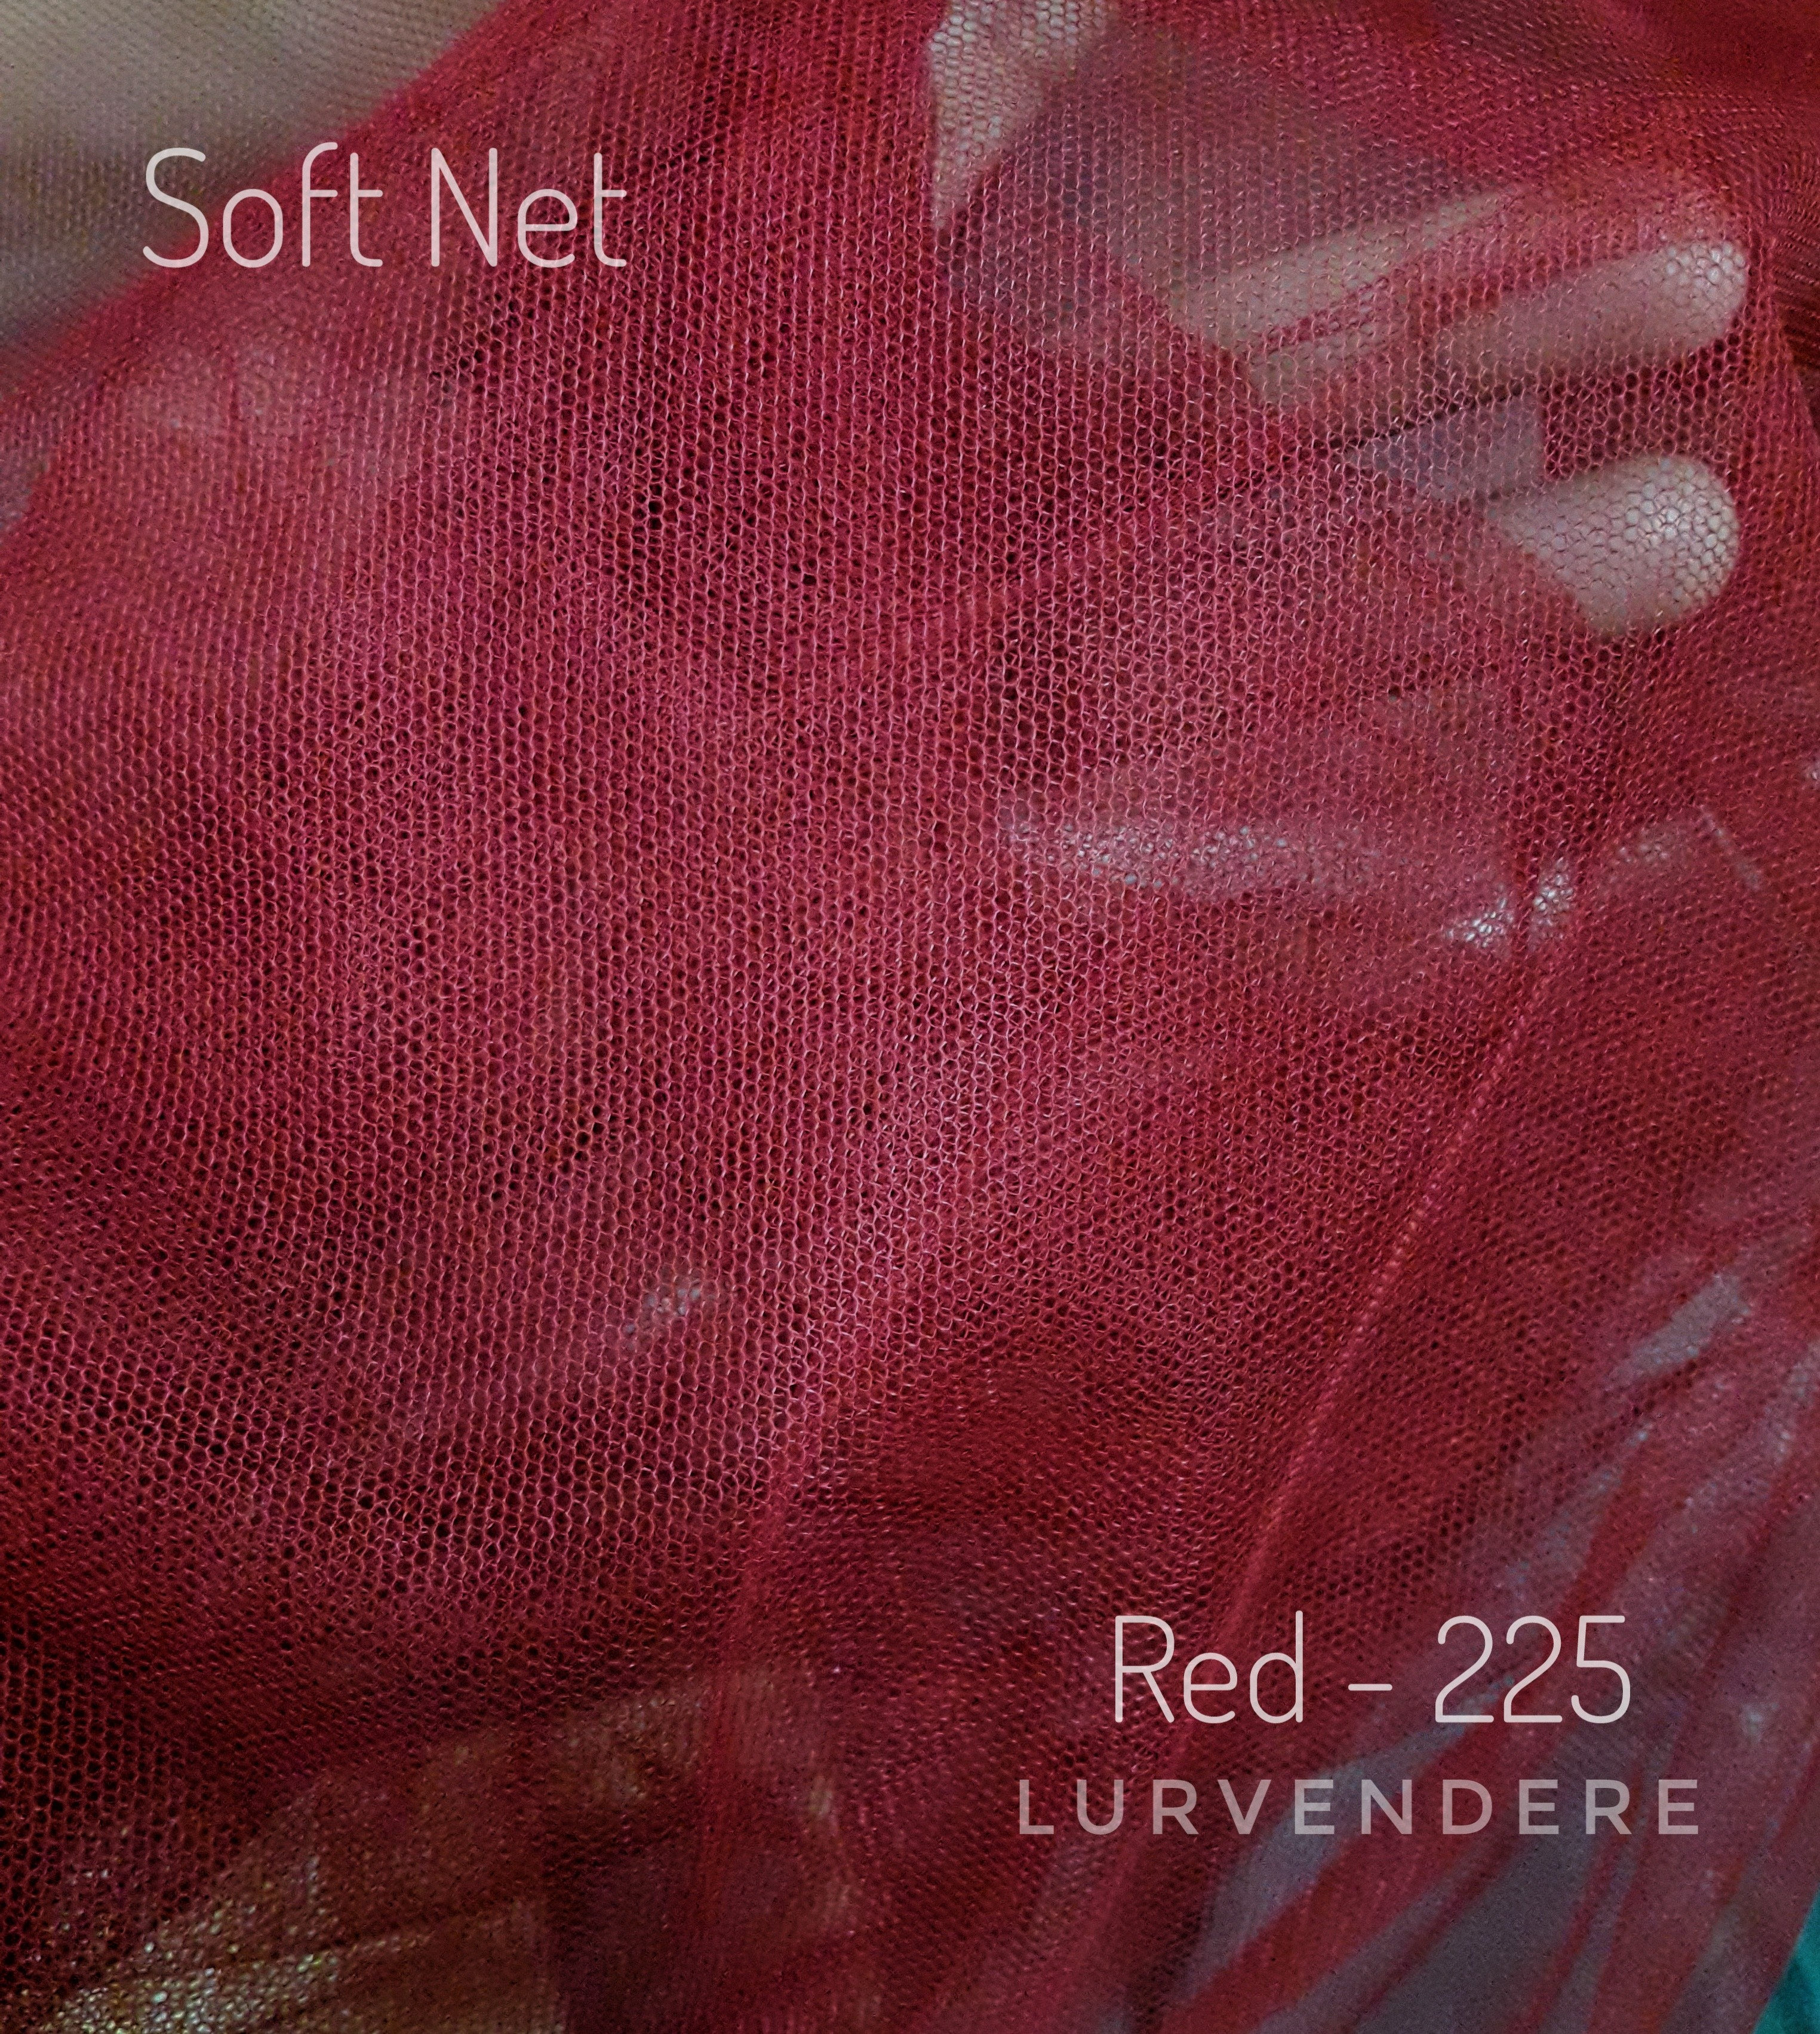 Soft Net - Red ( 225 )